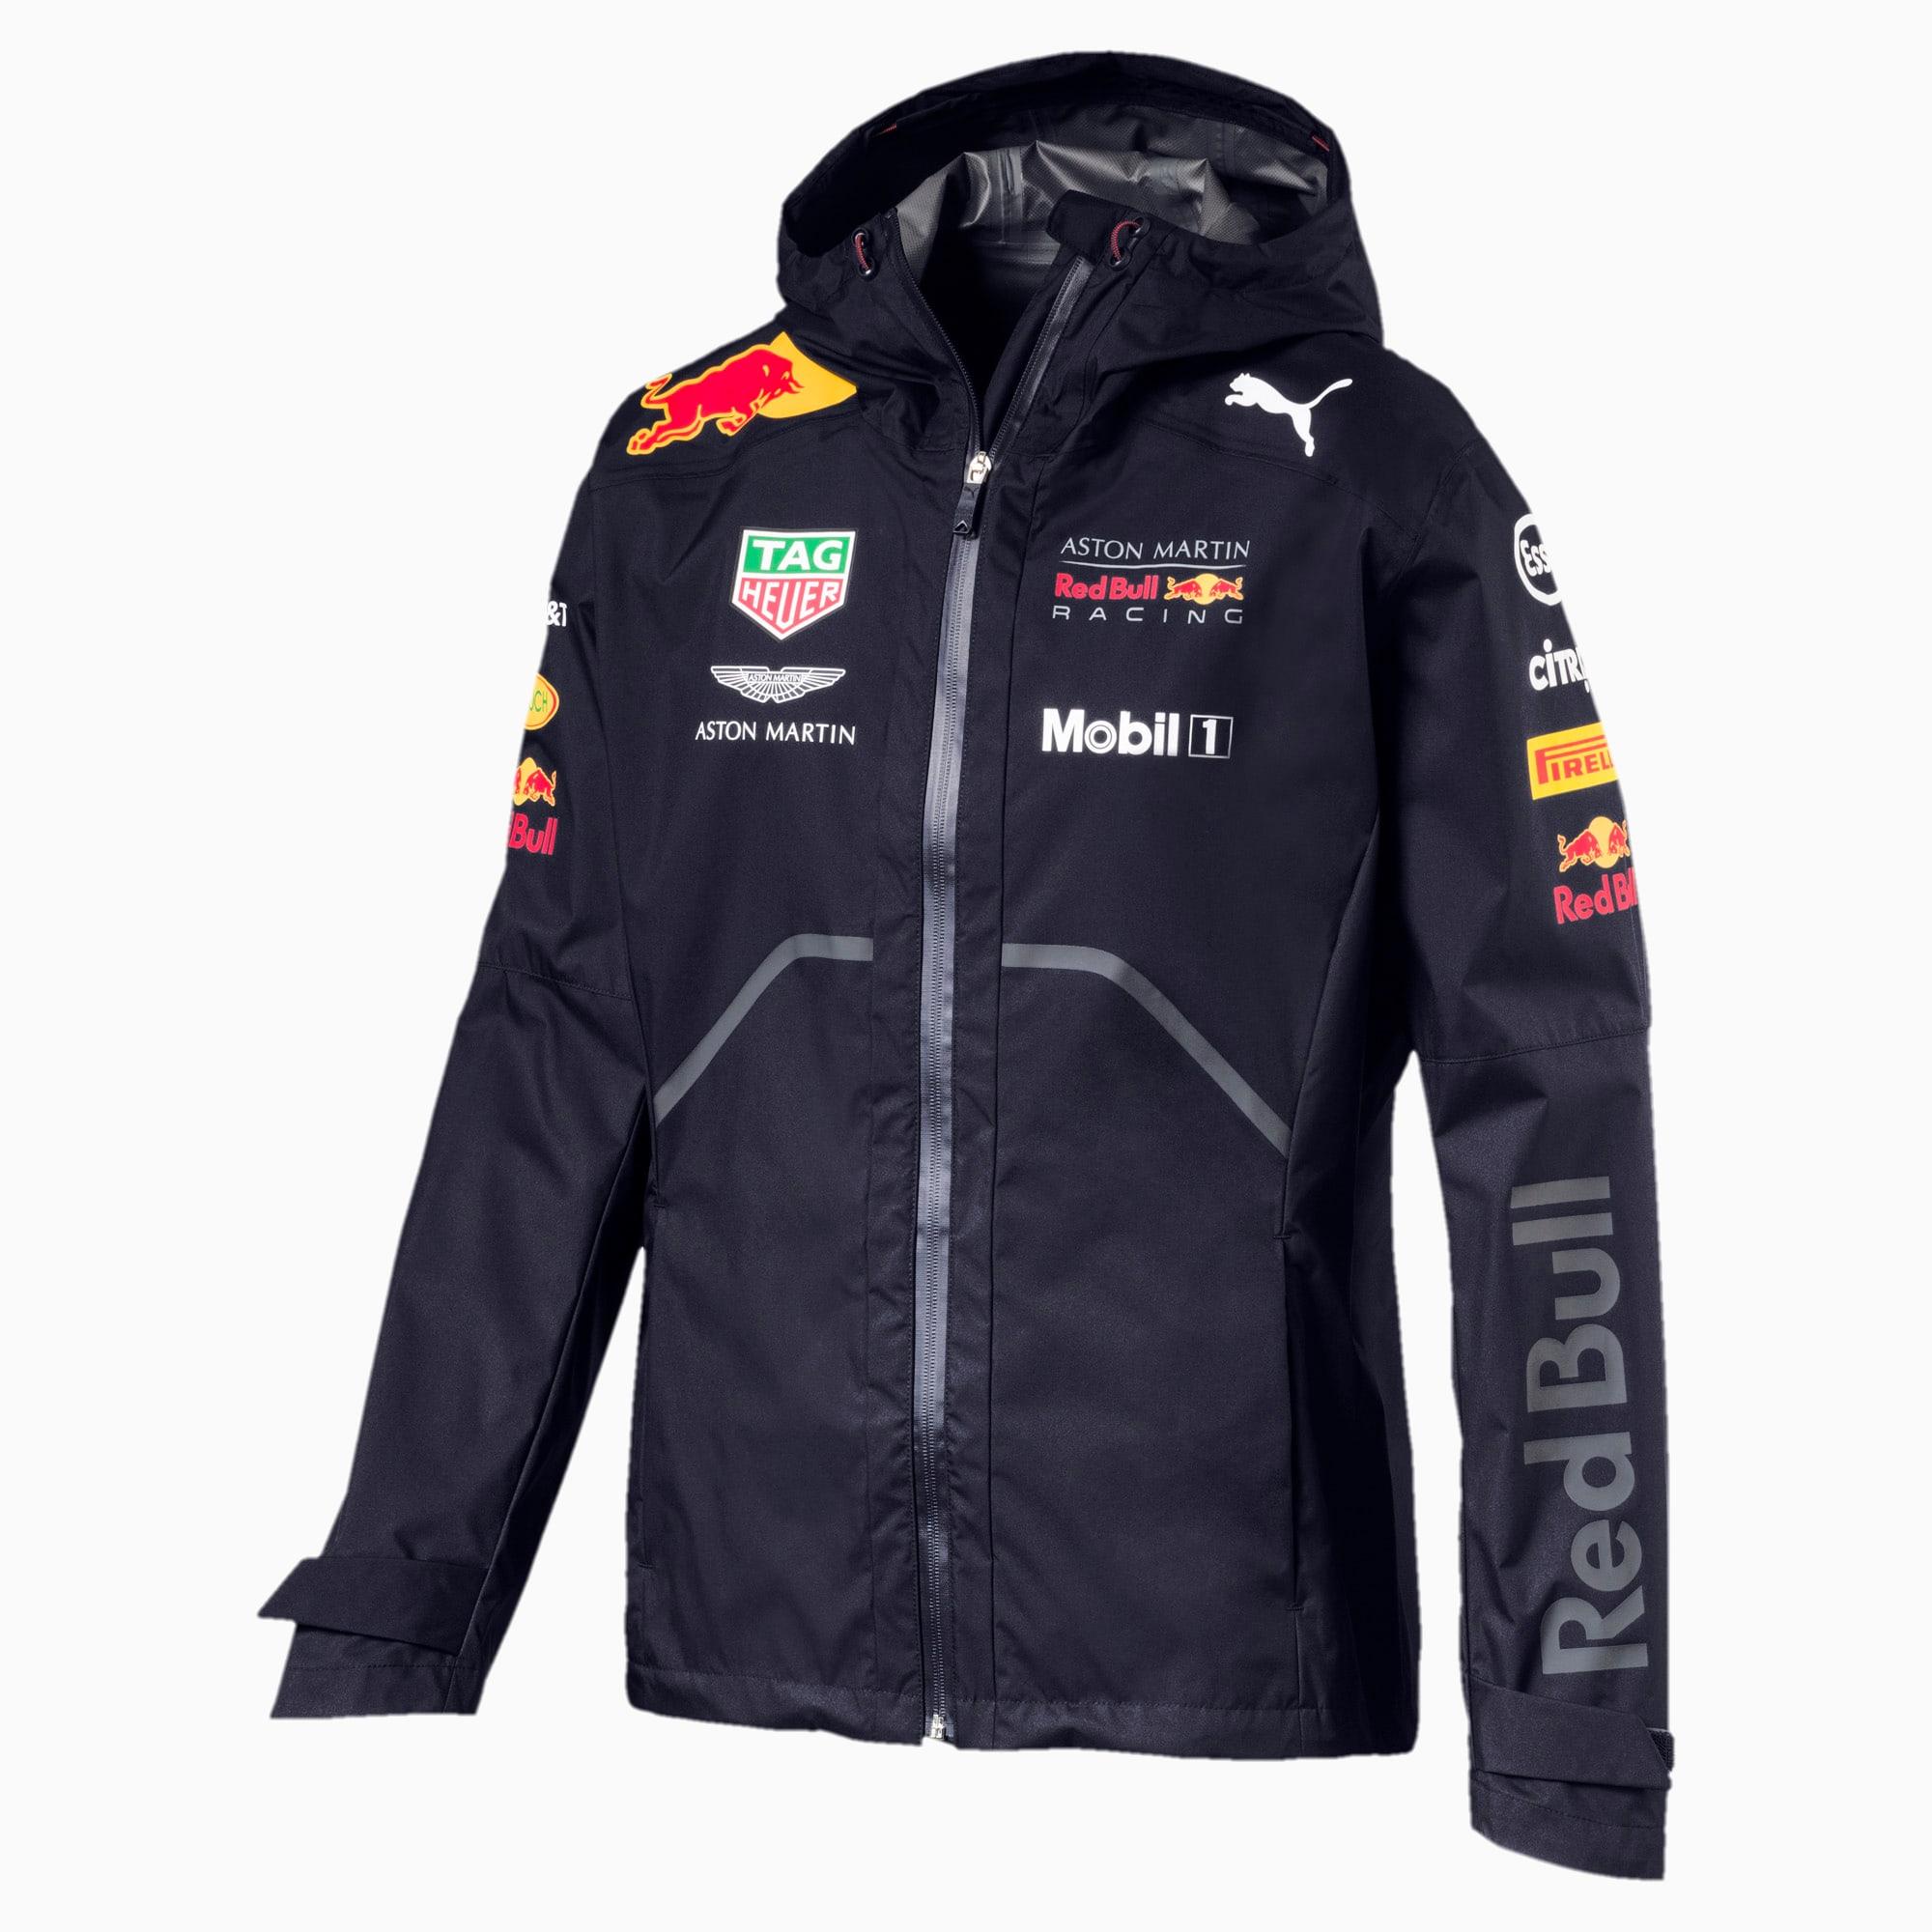 Red Bull Racing Men's Team Rain Jacket